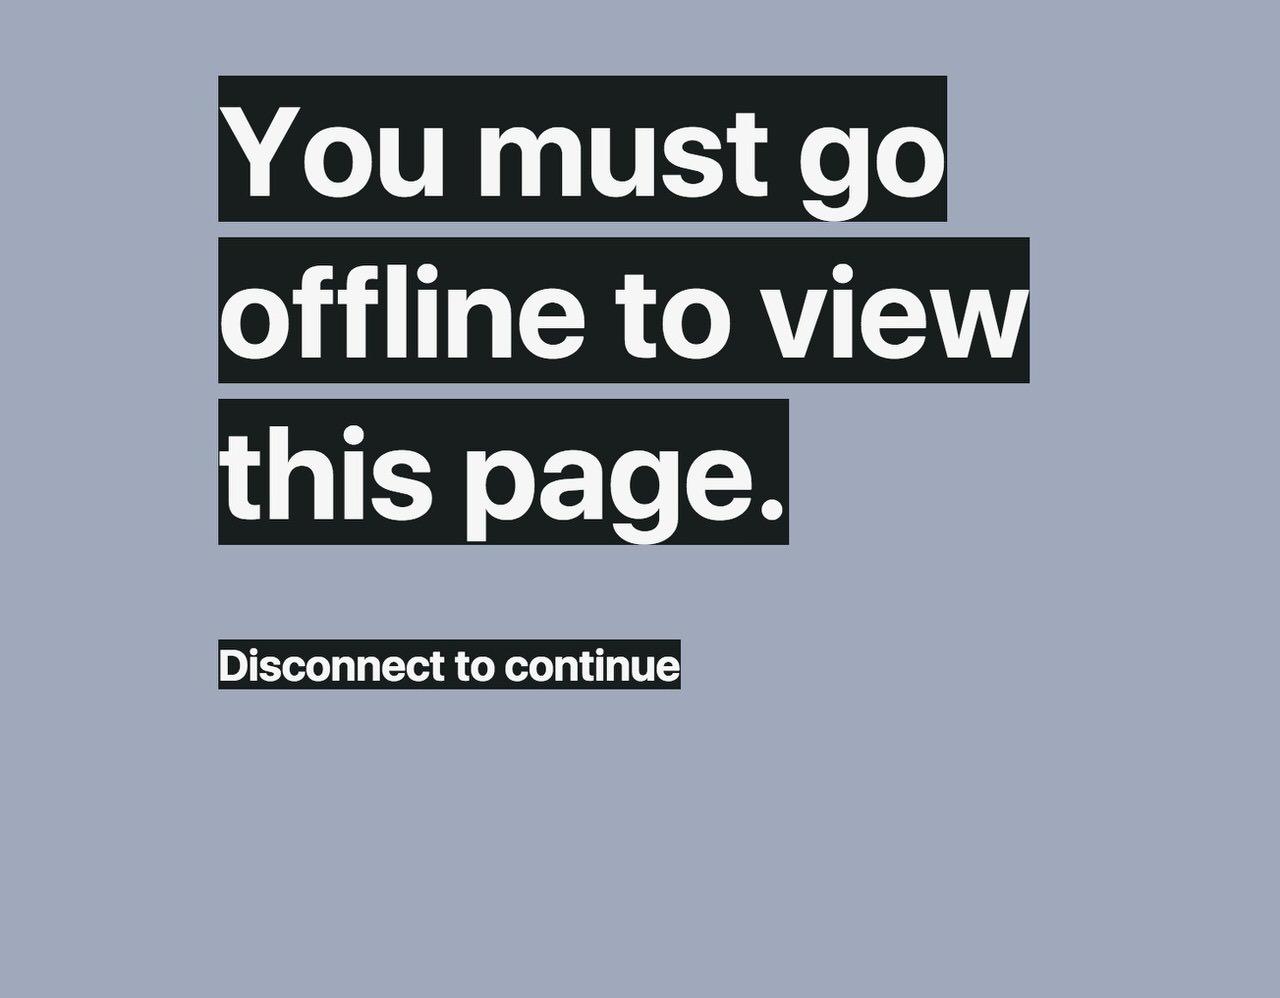 ネット回線をオフラインにしないと読めない文書というアイデア